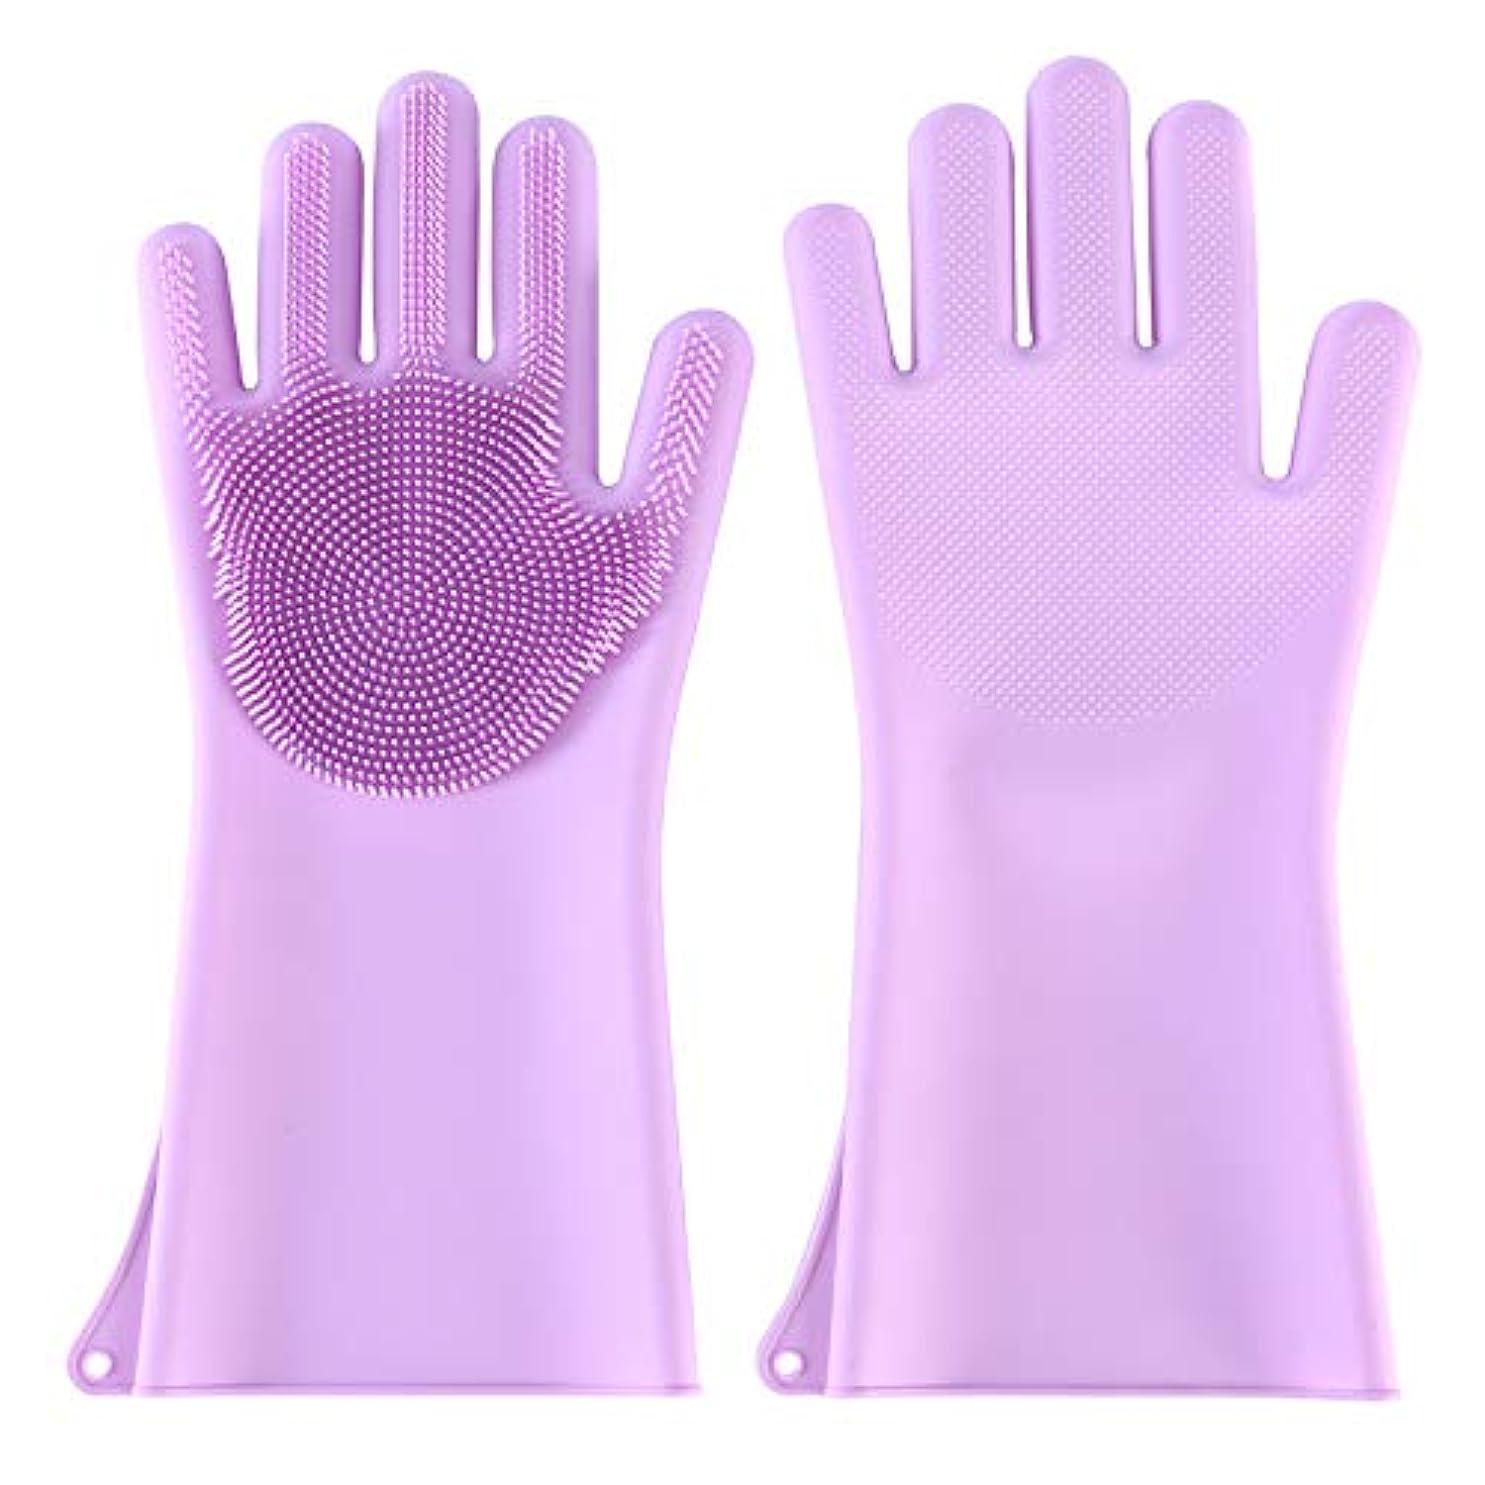 鑑定集団命題BTXXYJP ペット ブラシ 手袋 猫 ブラシ グローブ 耐摩耗 クリーナー 抜け毛取り マッサージブラシ 犬 グローブ お手入れ (Color : Purple)